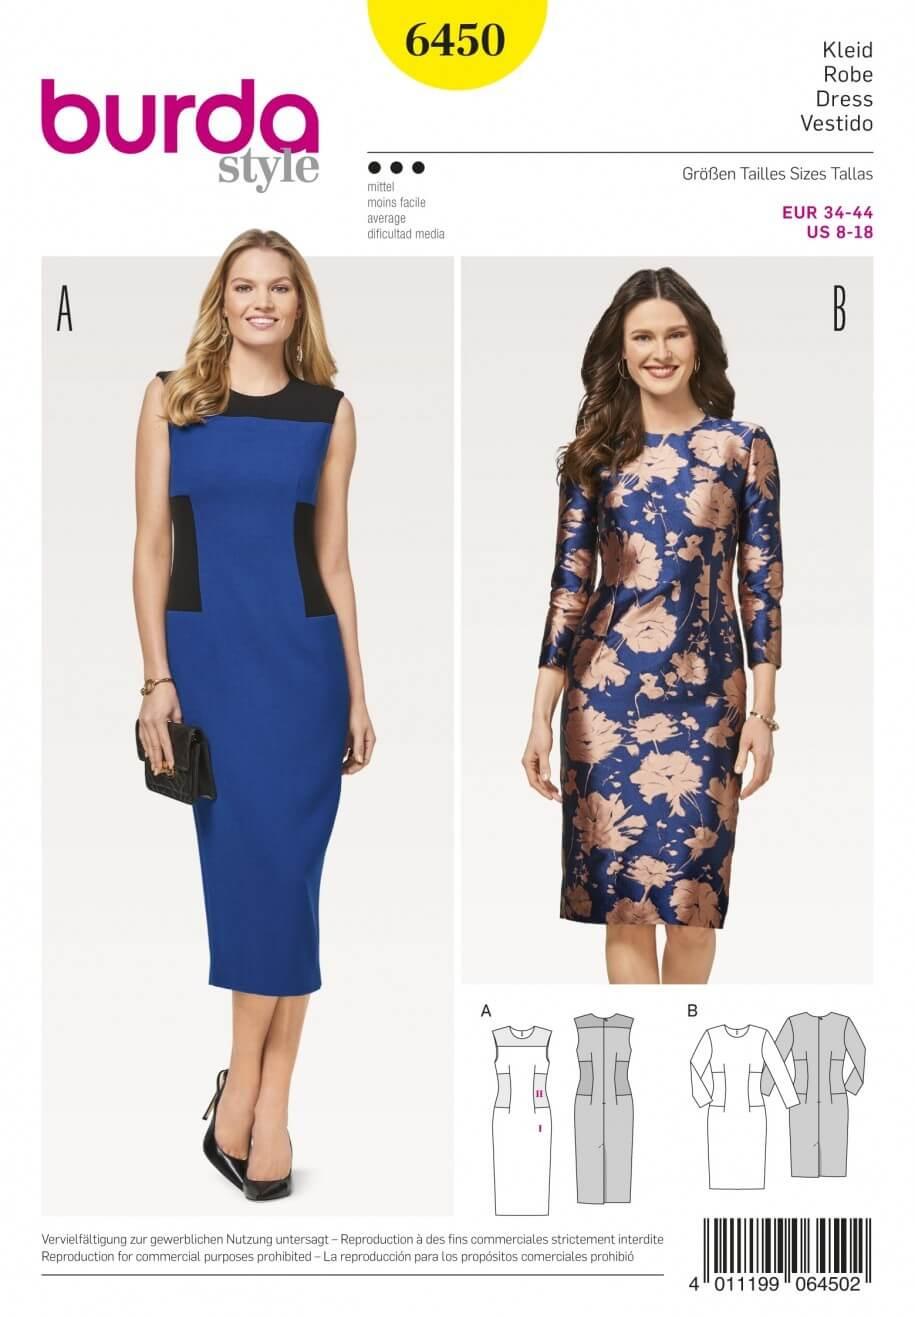 Burda Women's Side Panel Sheath Pencil Dress Smart Sewing Pattern 6450